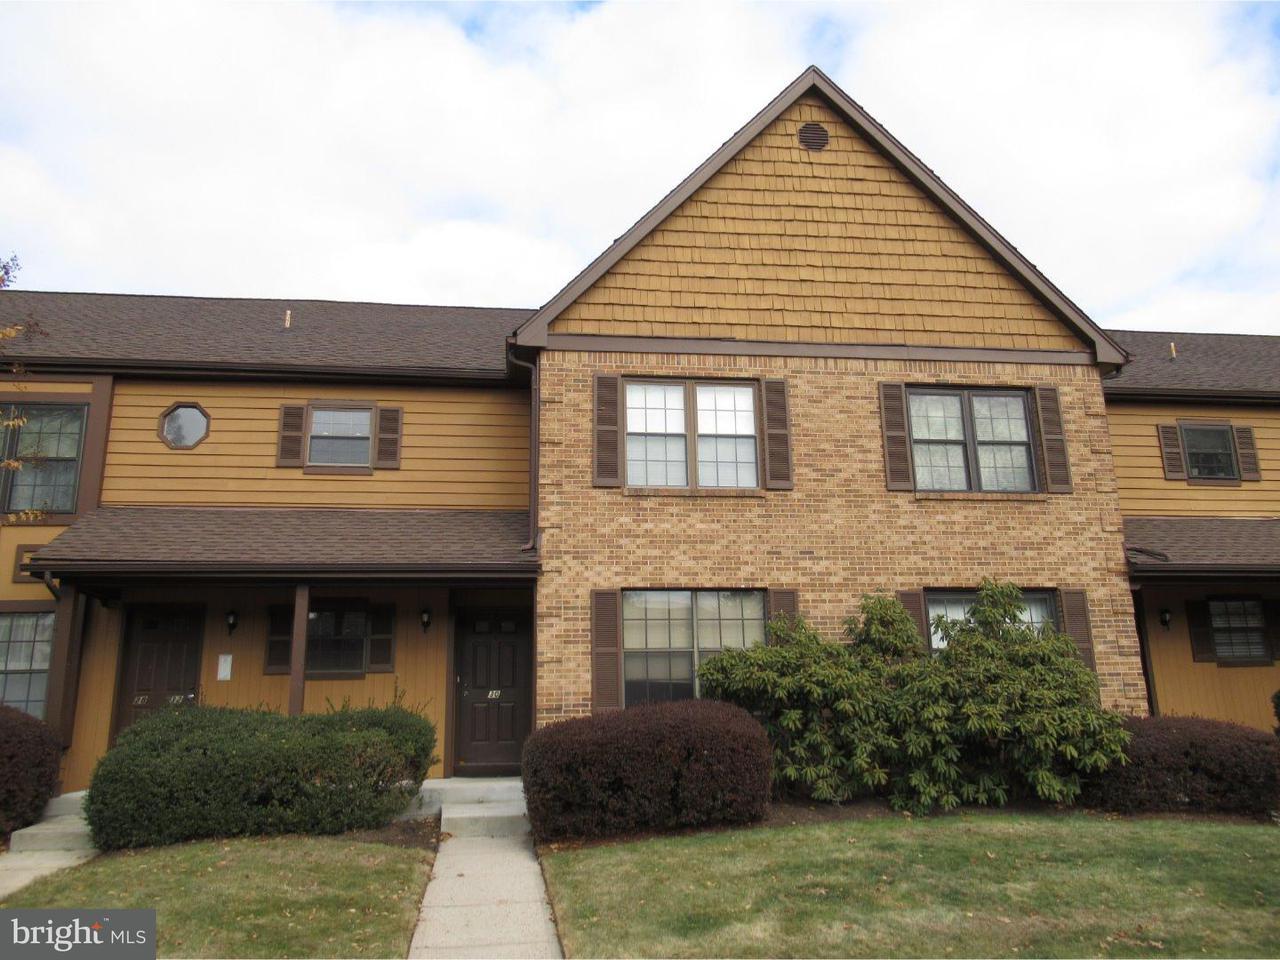 Maison unifamiliale pour l à louer à 30 ADELE Court Lawrenceville, New Jersey 08648 États-UnisDans/Autour: Lawrence Township